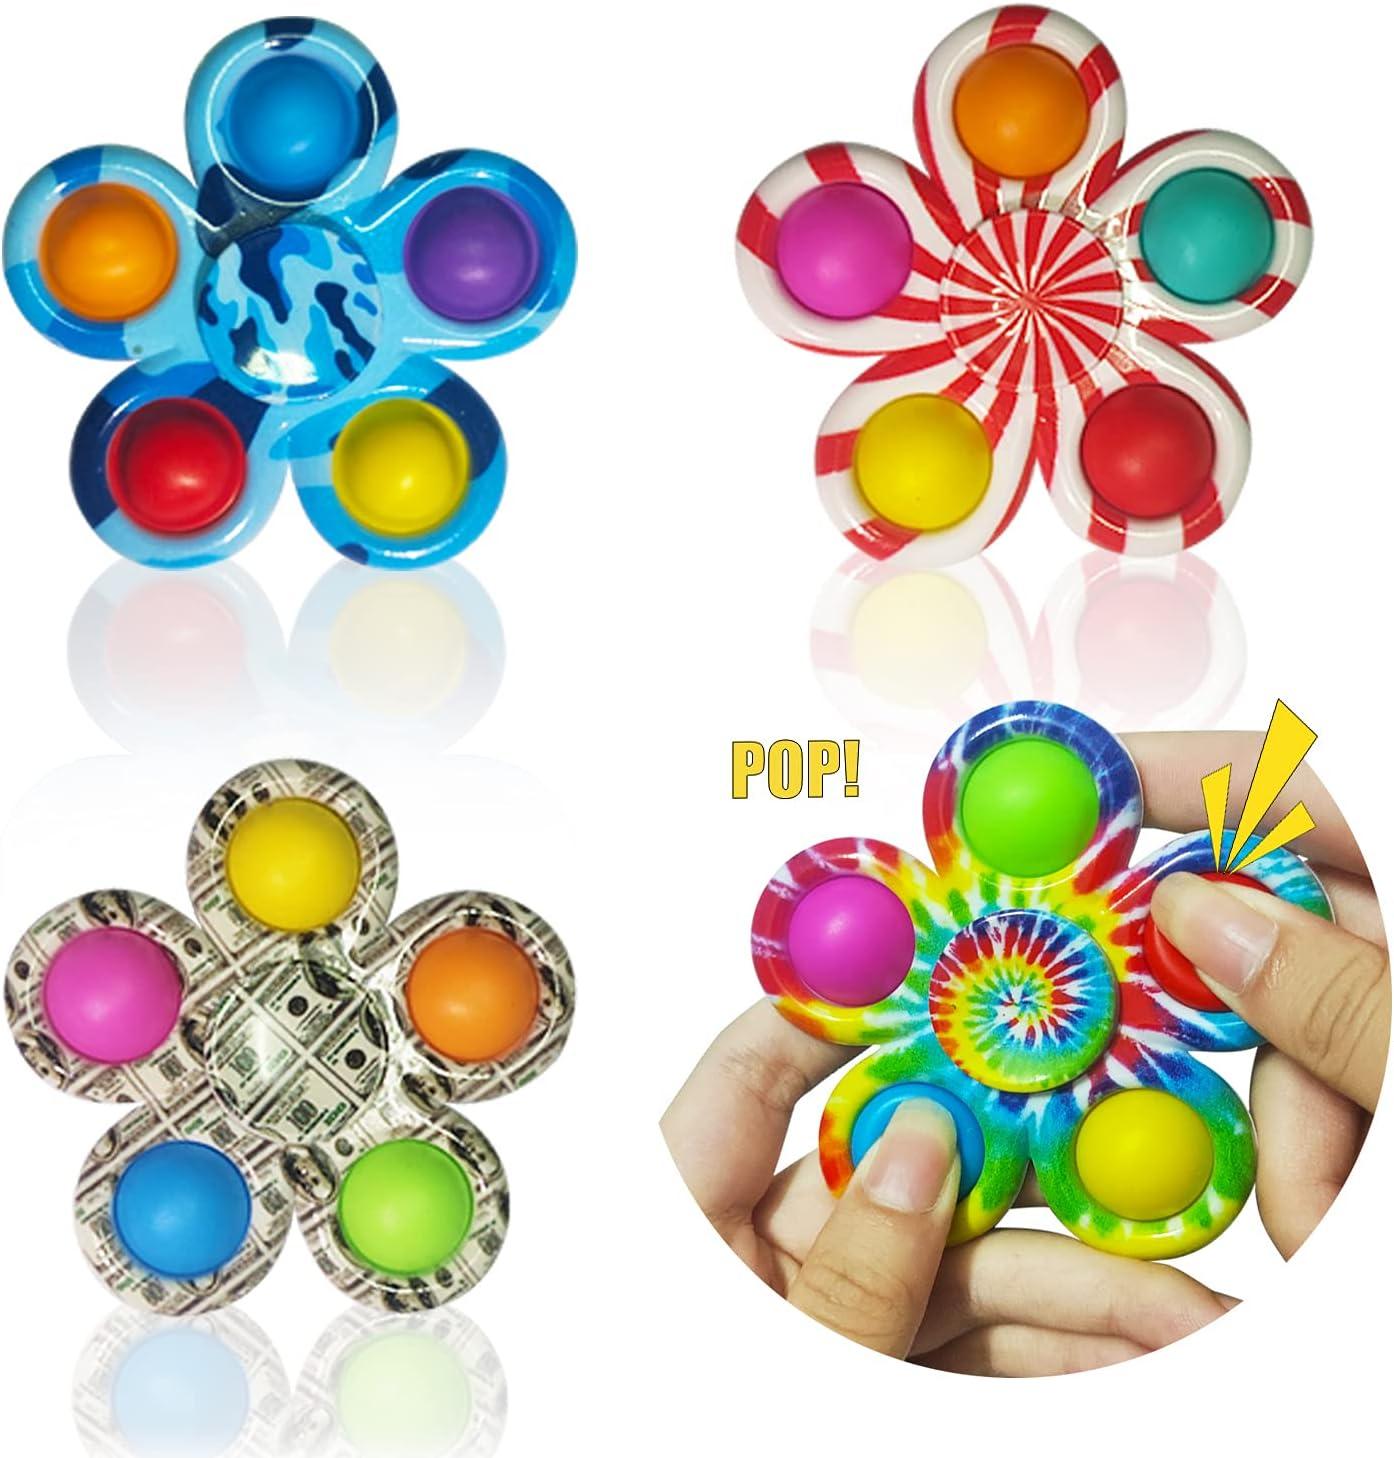 Cutylgla Pop Fidget Spinners 4 Pack 2 in 1 Pop Bubble Dimple Fid